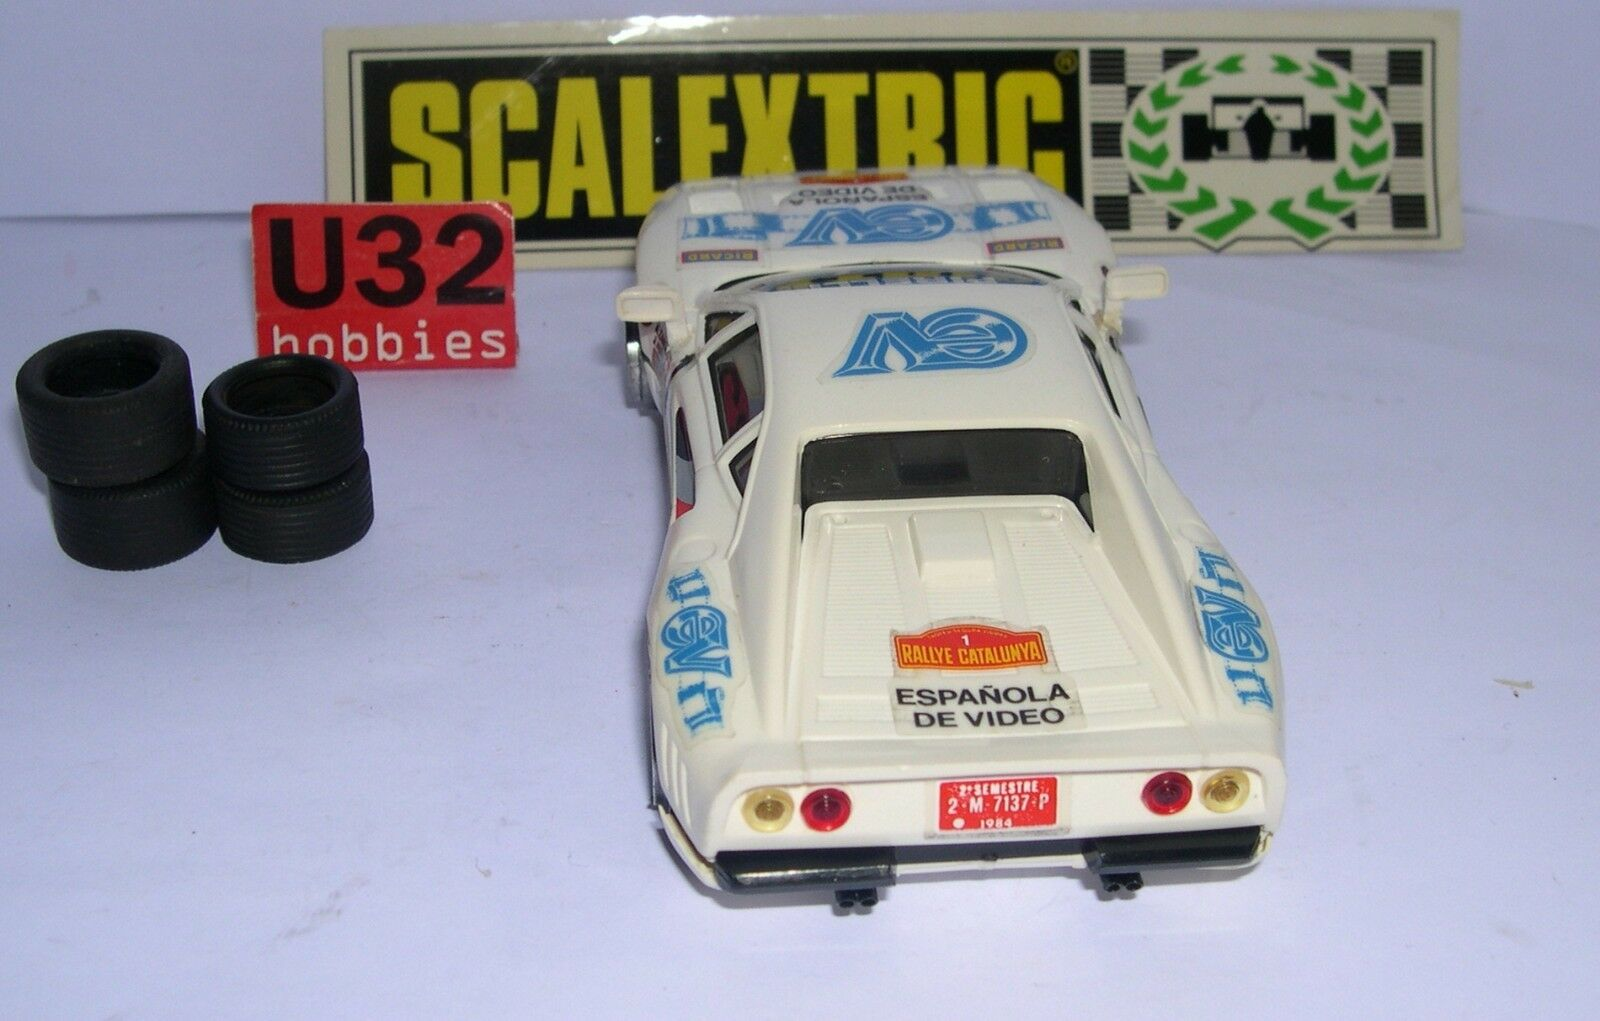 SCALEXTRIC EXIN C-4075 C-4075 C-4075 FERRARI 250 GTO 1 ESPAGNOLE VIDÉO EXCELLENT ETAT fba334